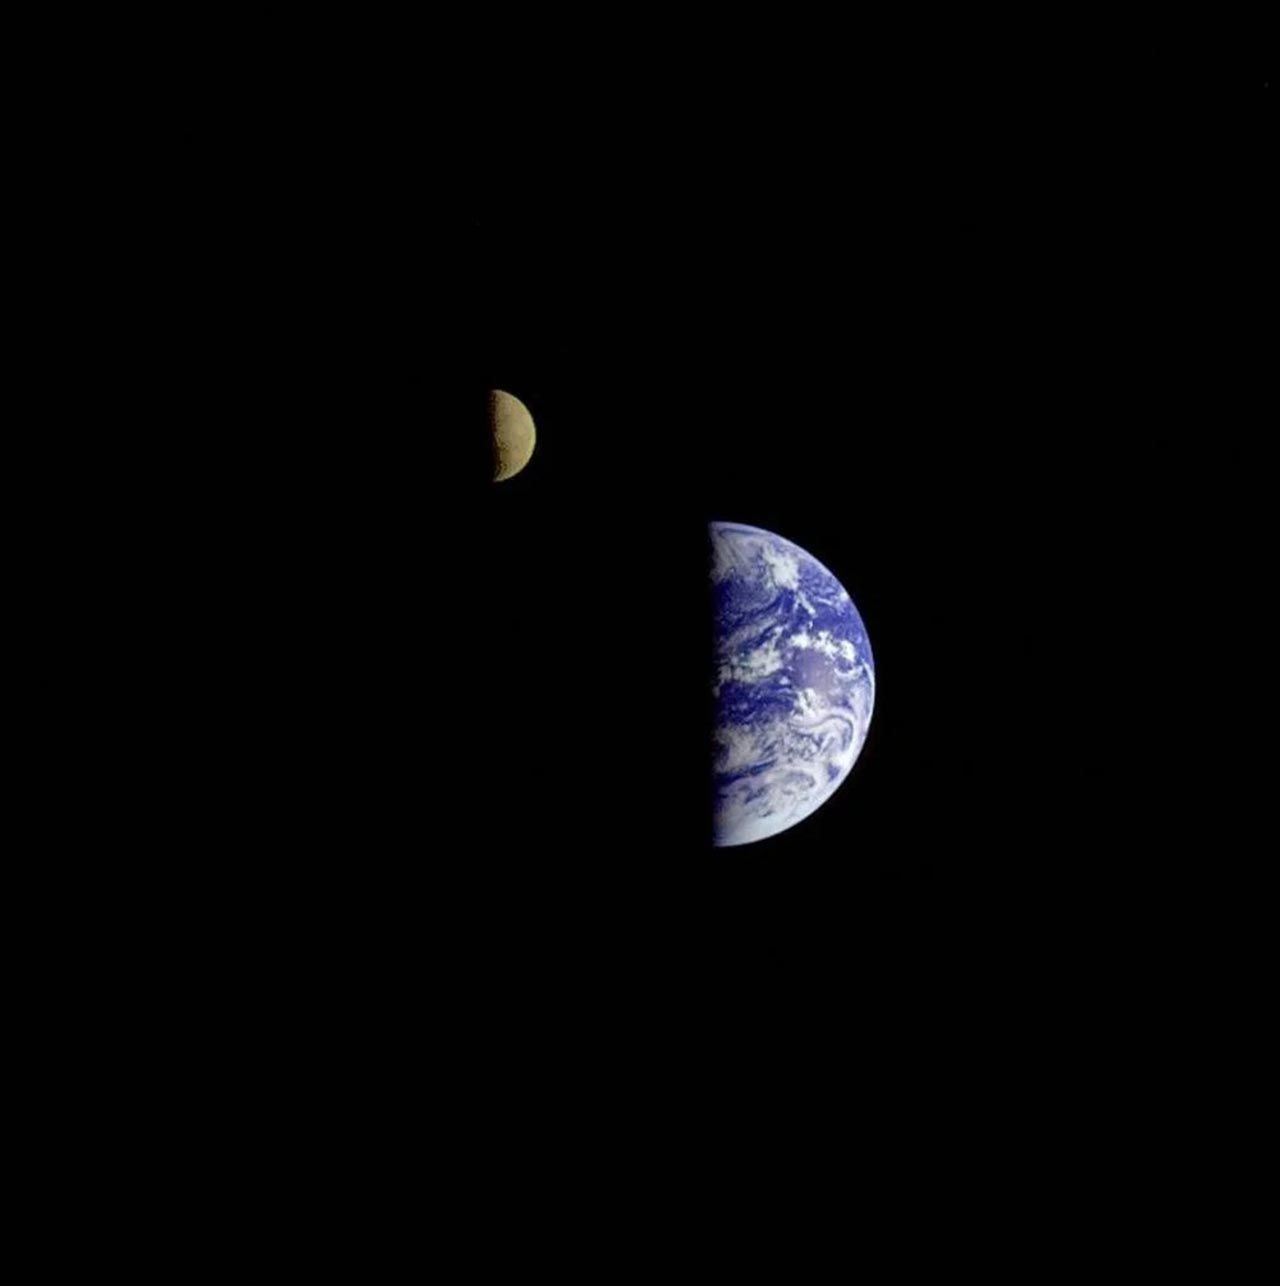 Ay, Dünya'ya yaklaşıyor! NASA'dan korkutan felaket uyarısı - Resim: 1